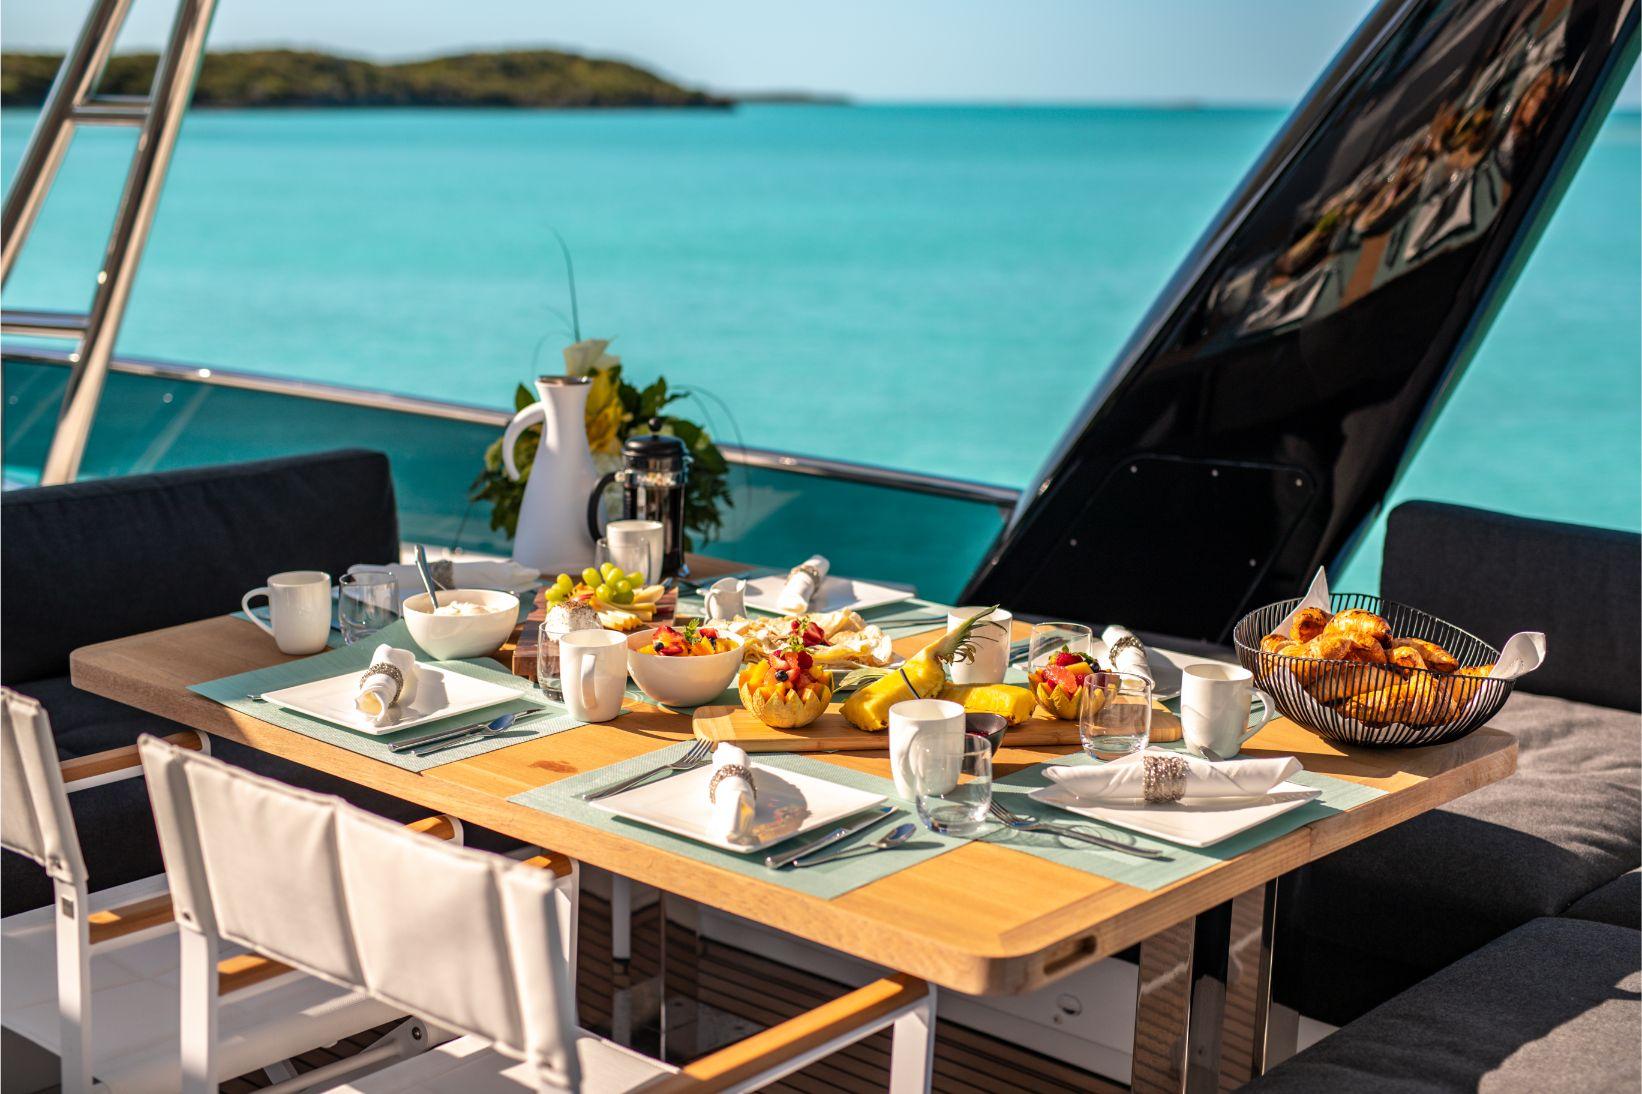 Déjeuner gastronomique avec vue incroyable des bahamas sur catamaran